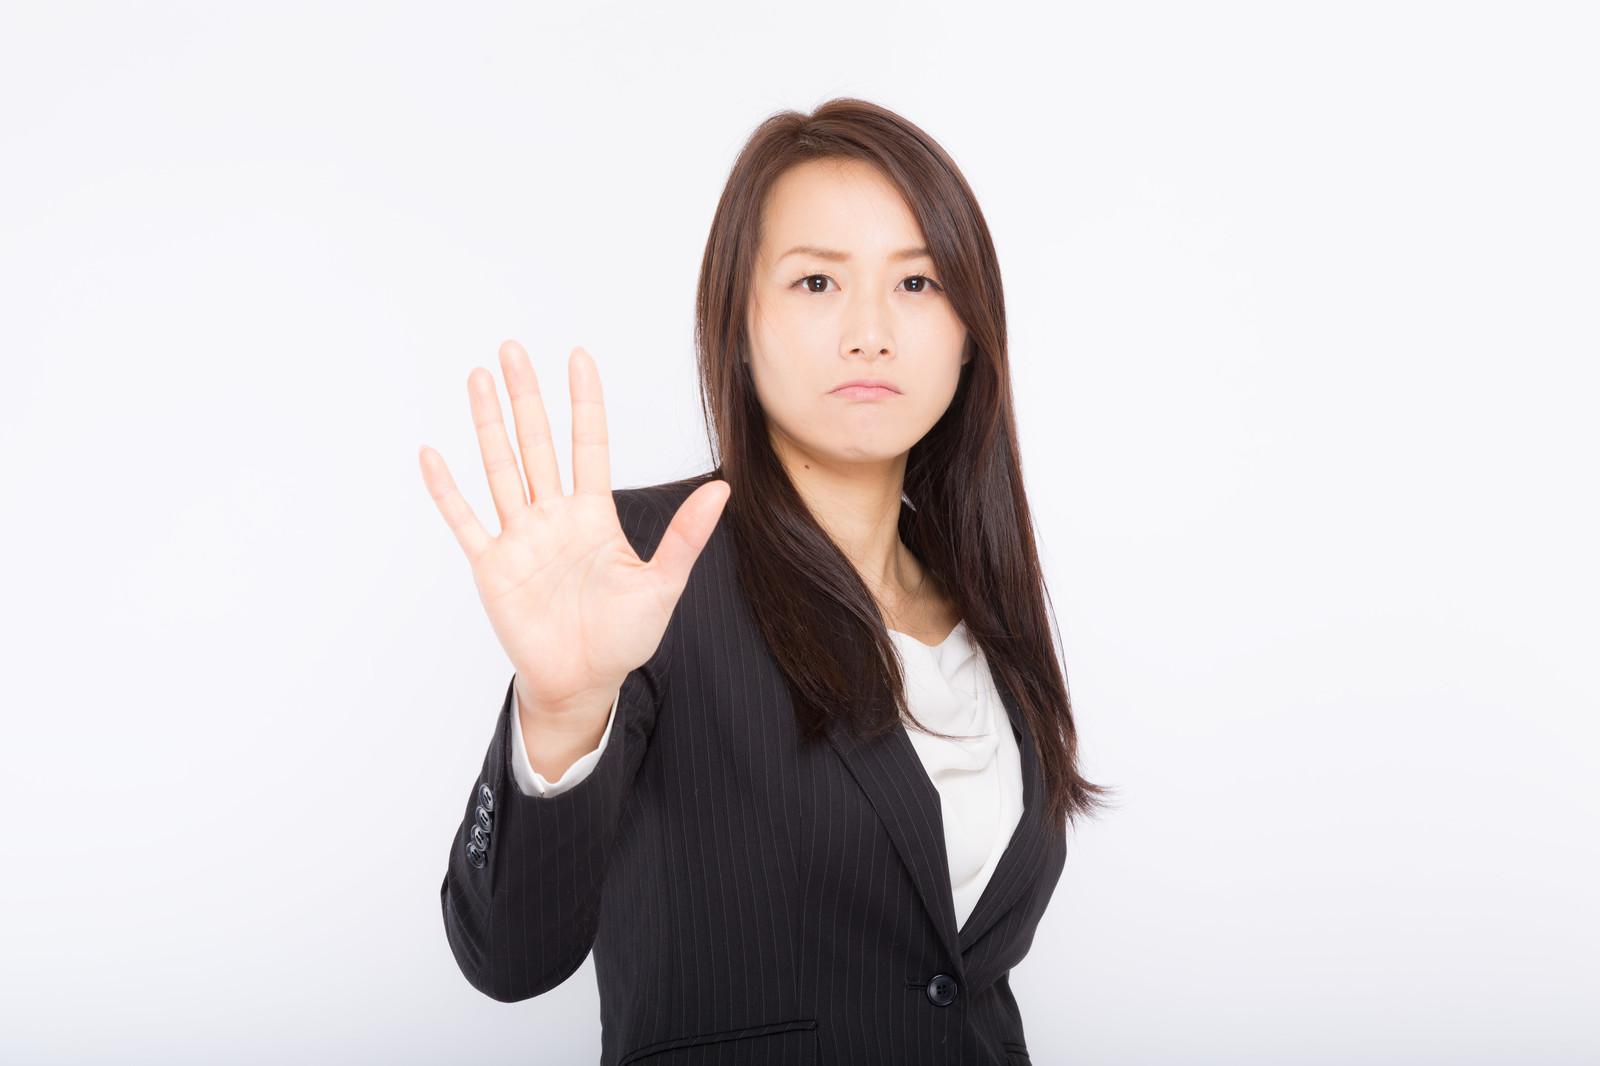 恋人と結婚するべきかどうか悩んだときの判断方法その7